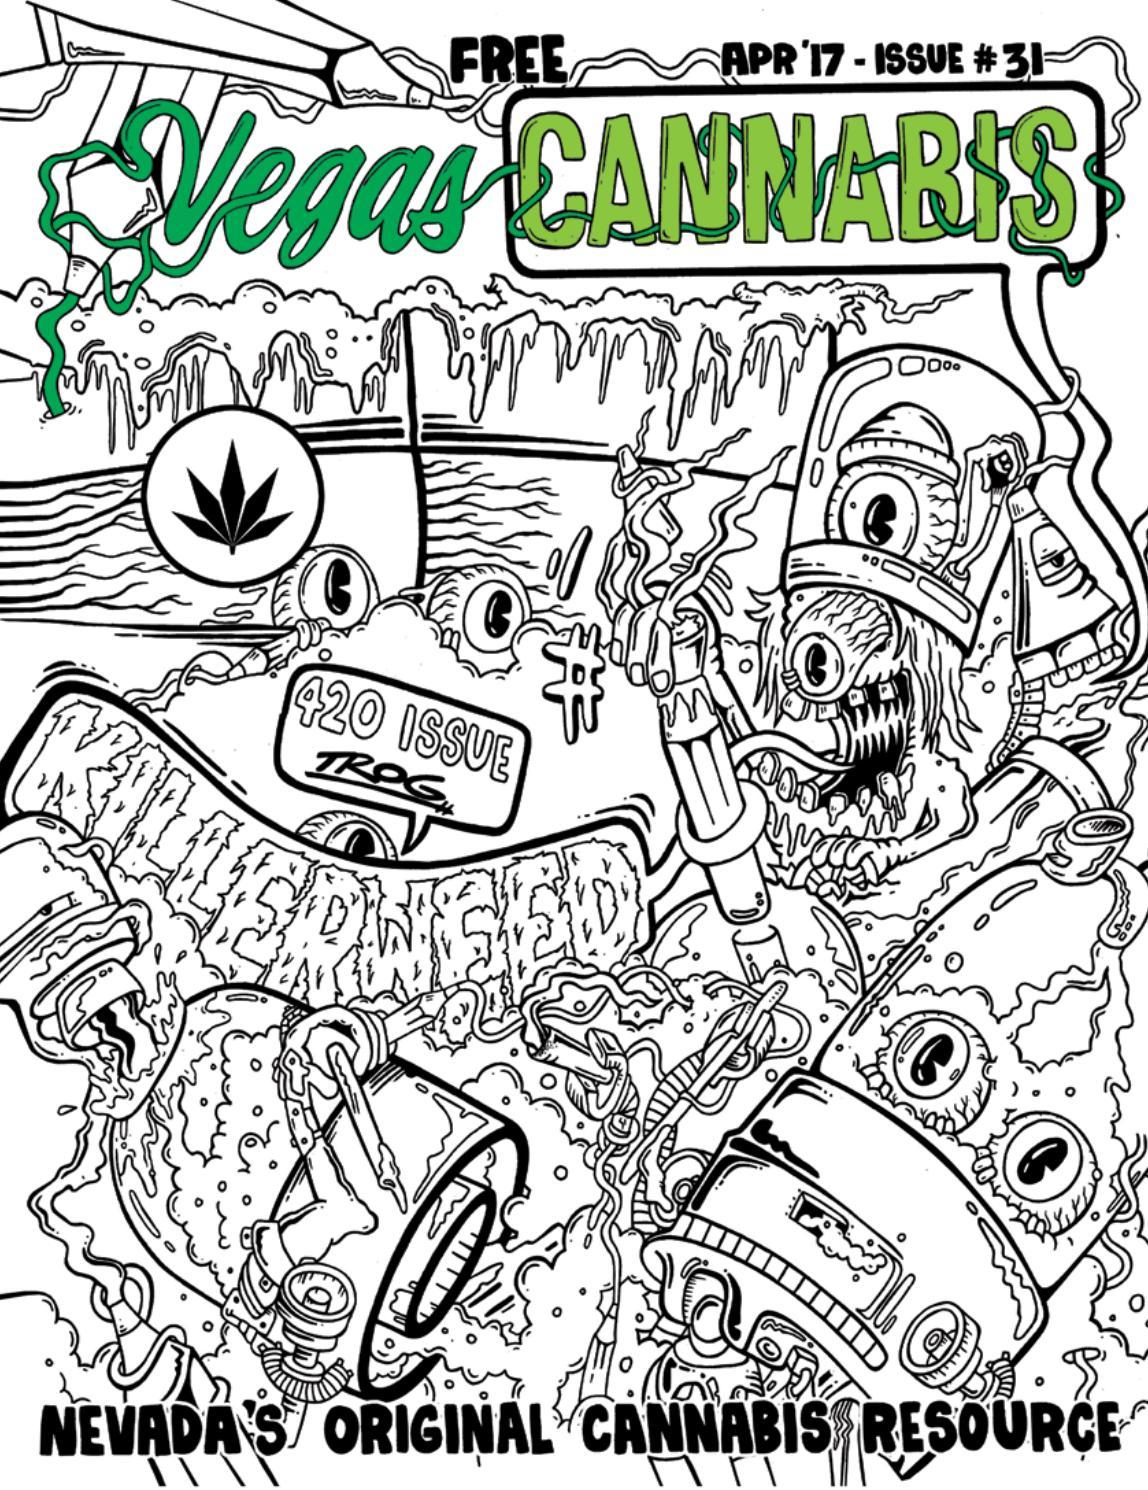 vegas cannabis magazine by vegas cannabis magazine issuu - Cannabis Coloring Book